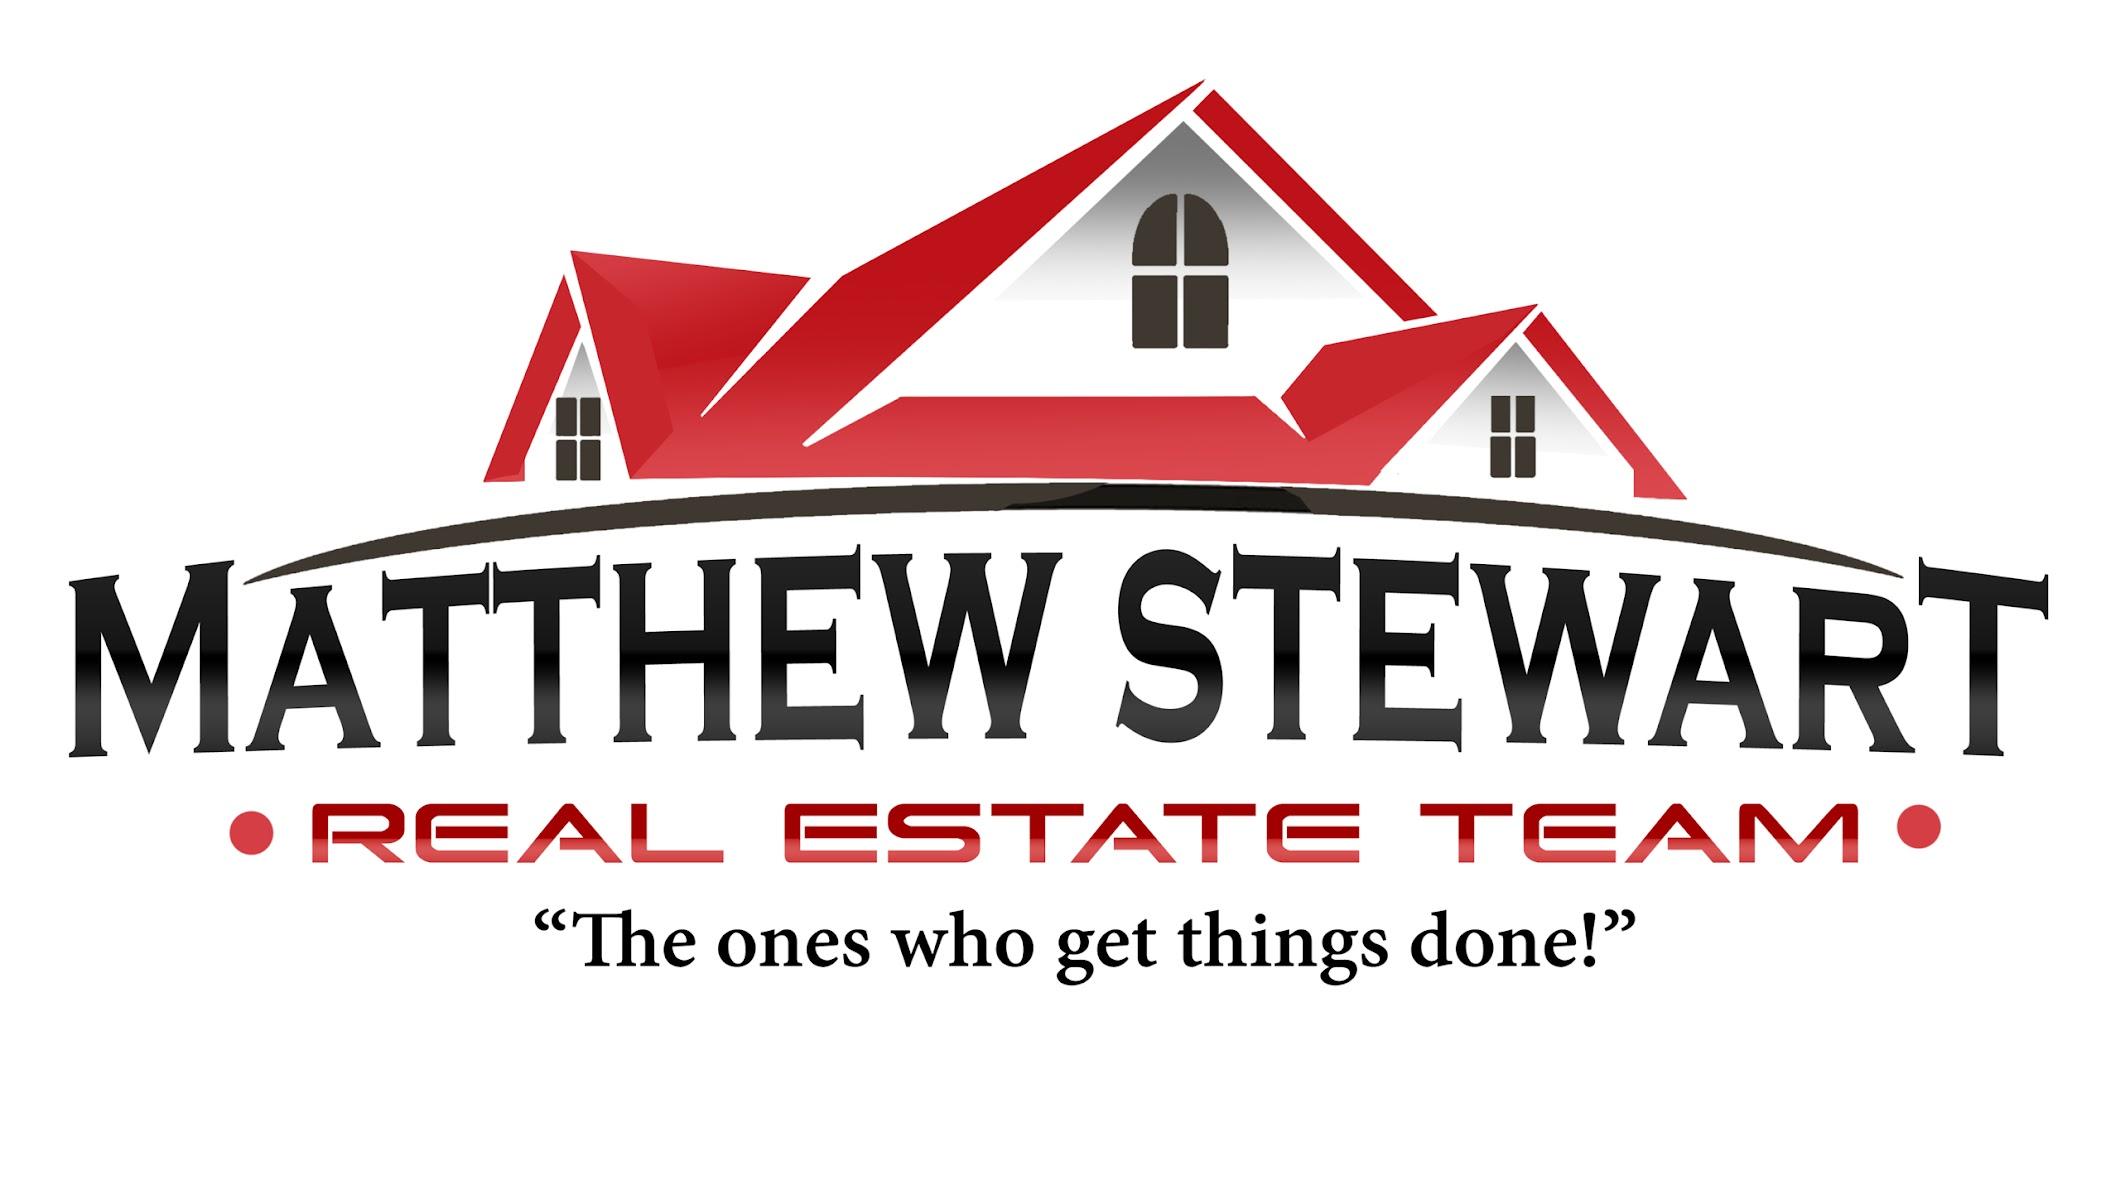 Matthew Stewart Real Estate